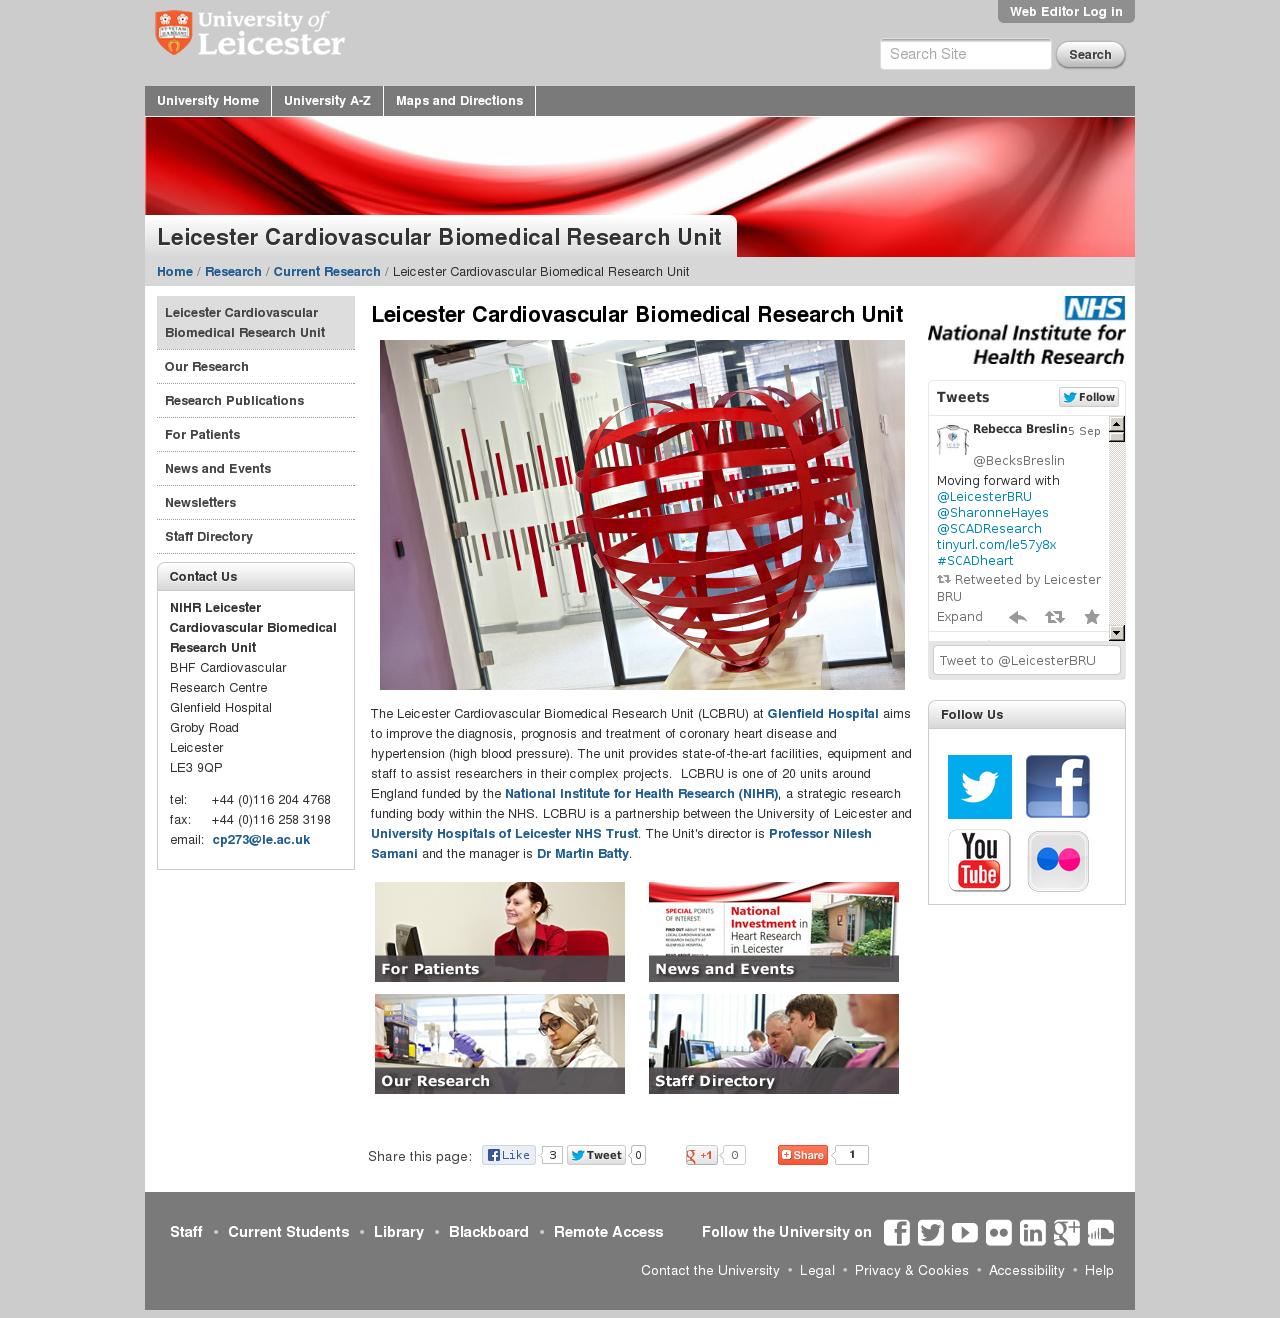 Website: homepage